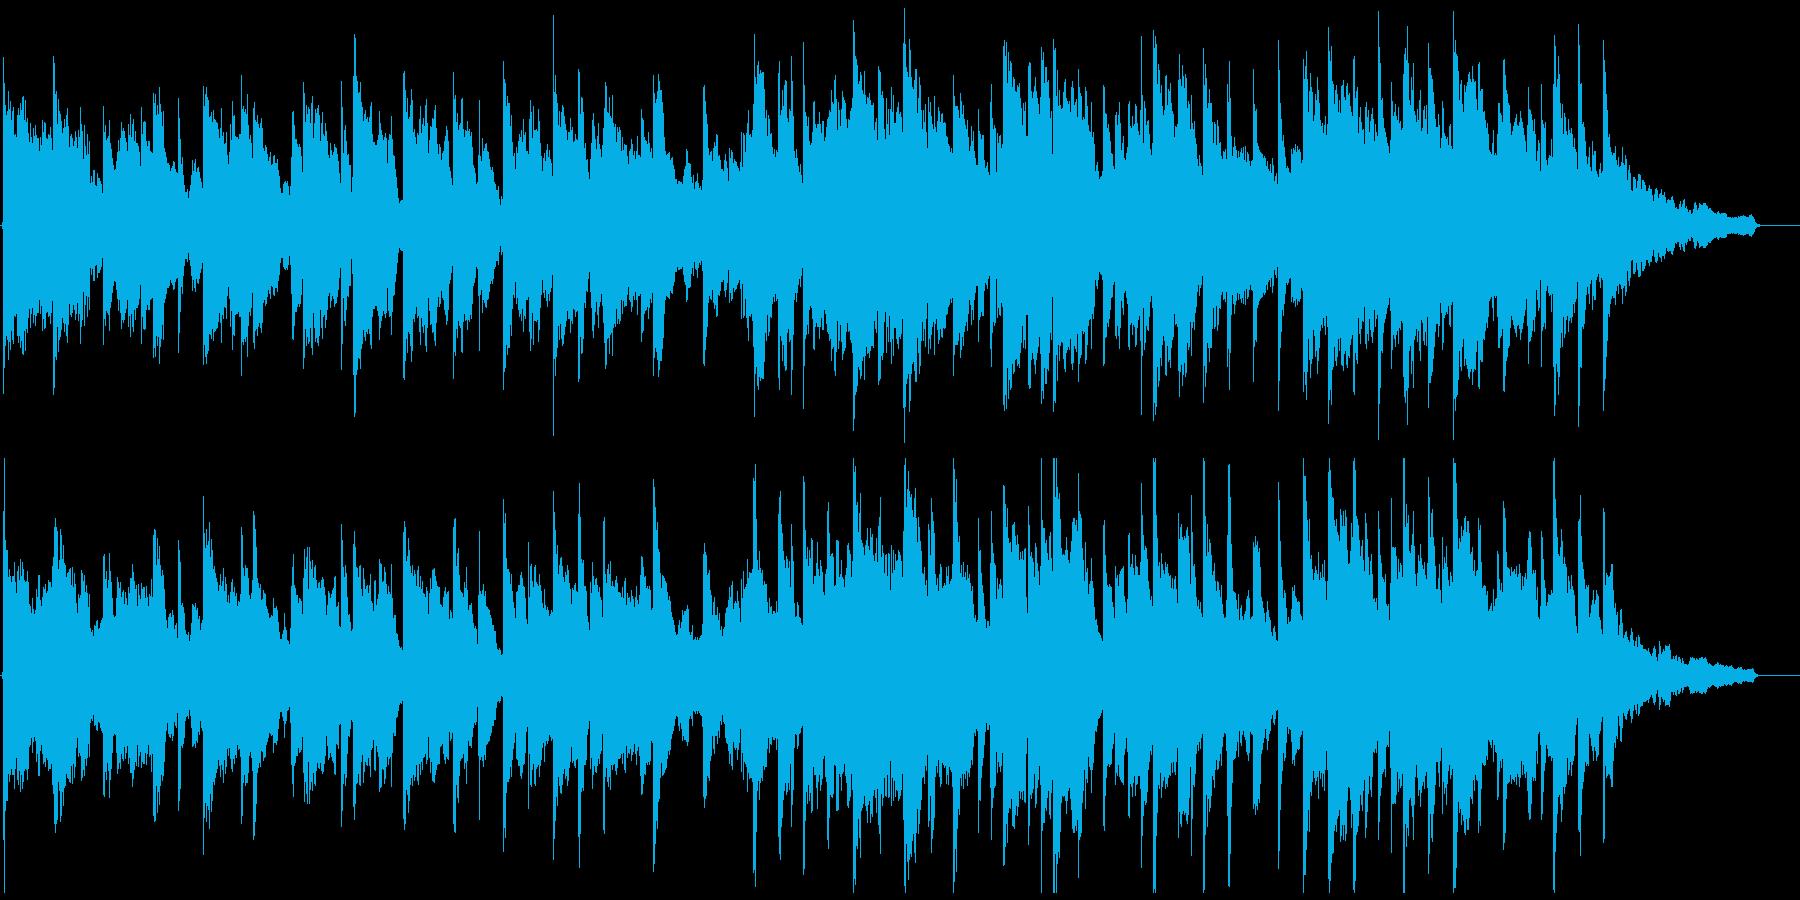 安らぐ音色の穏やかヒーリングミュージックの再生済みの波形